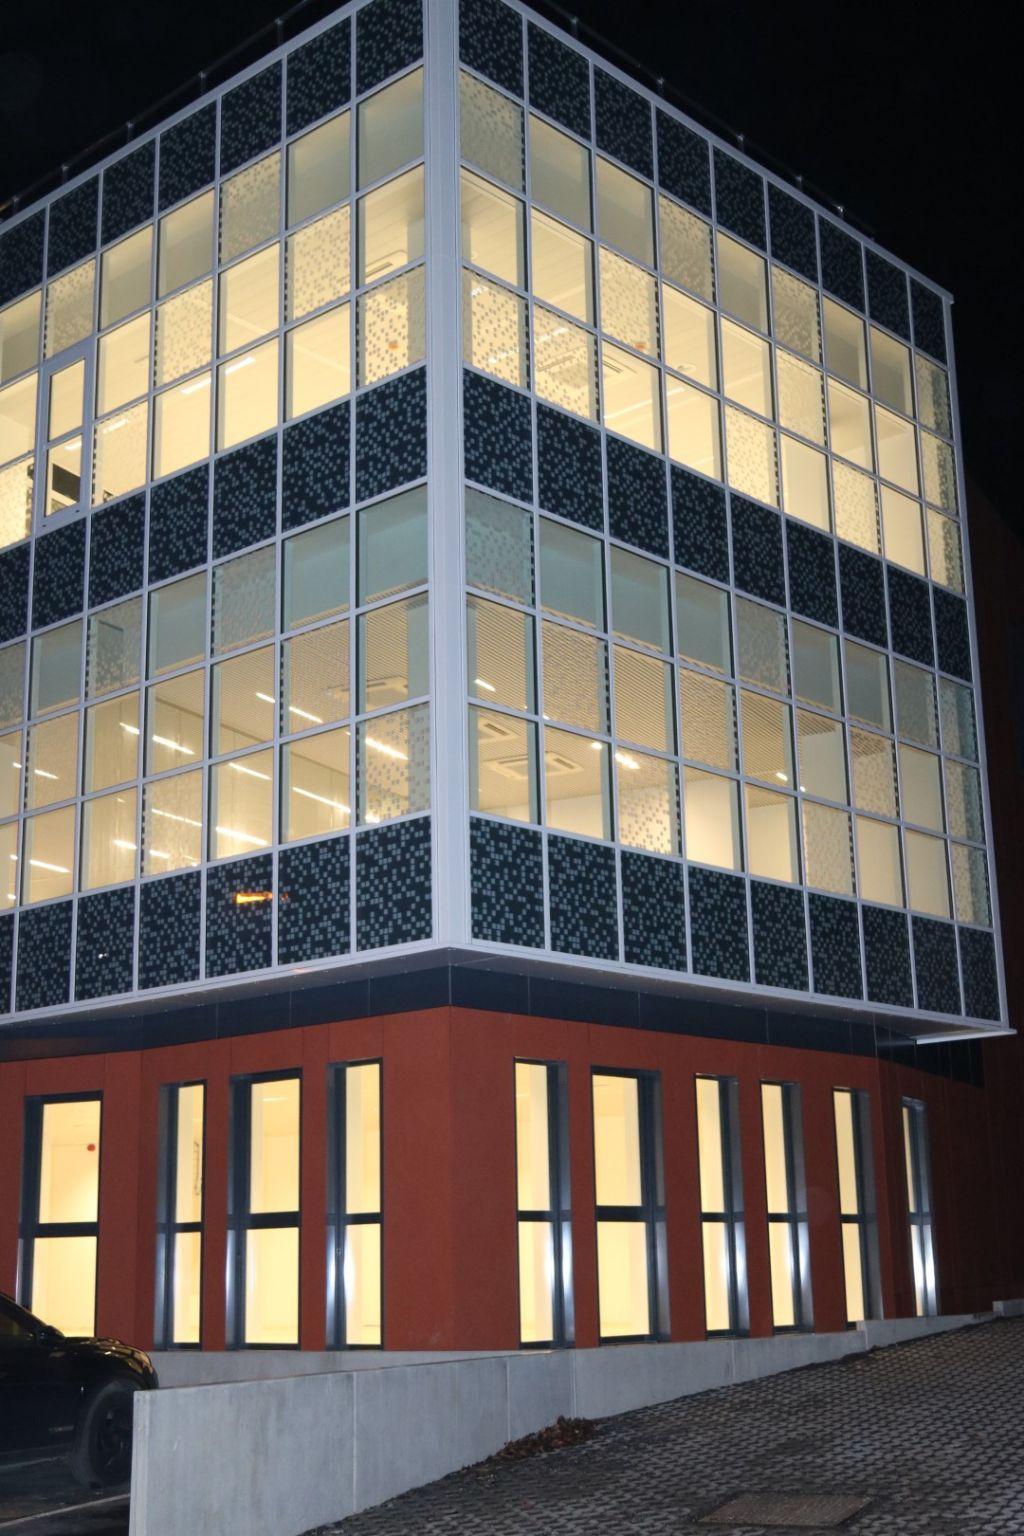 Vue nocturne du bâtiment et de sa façade vitrée.